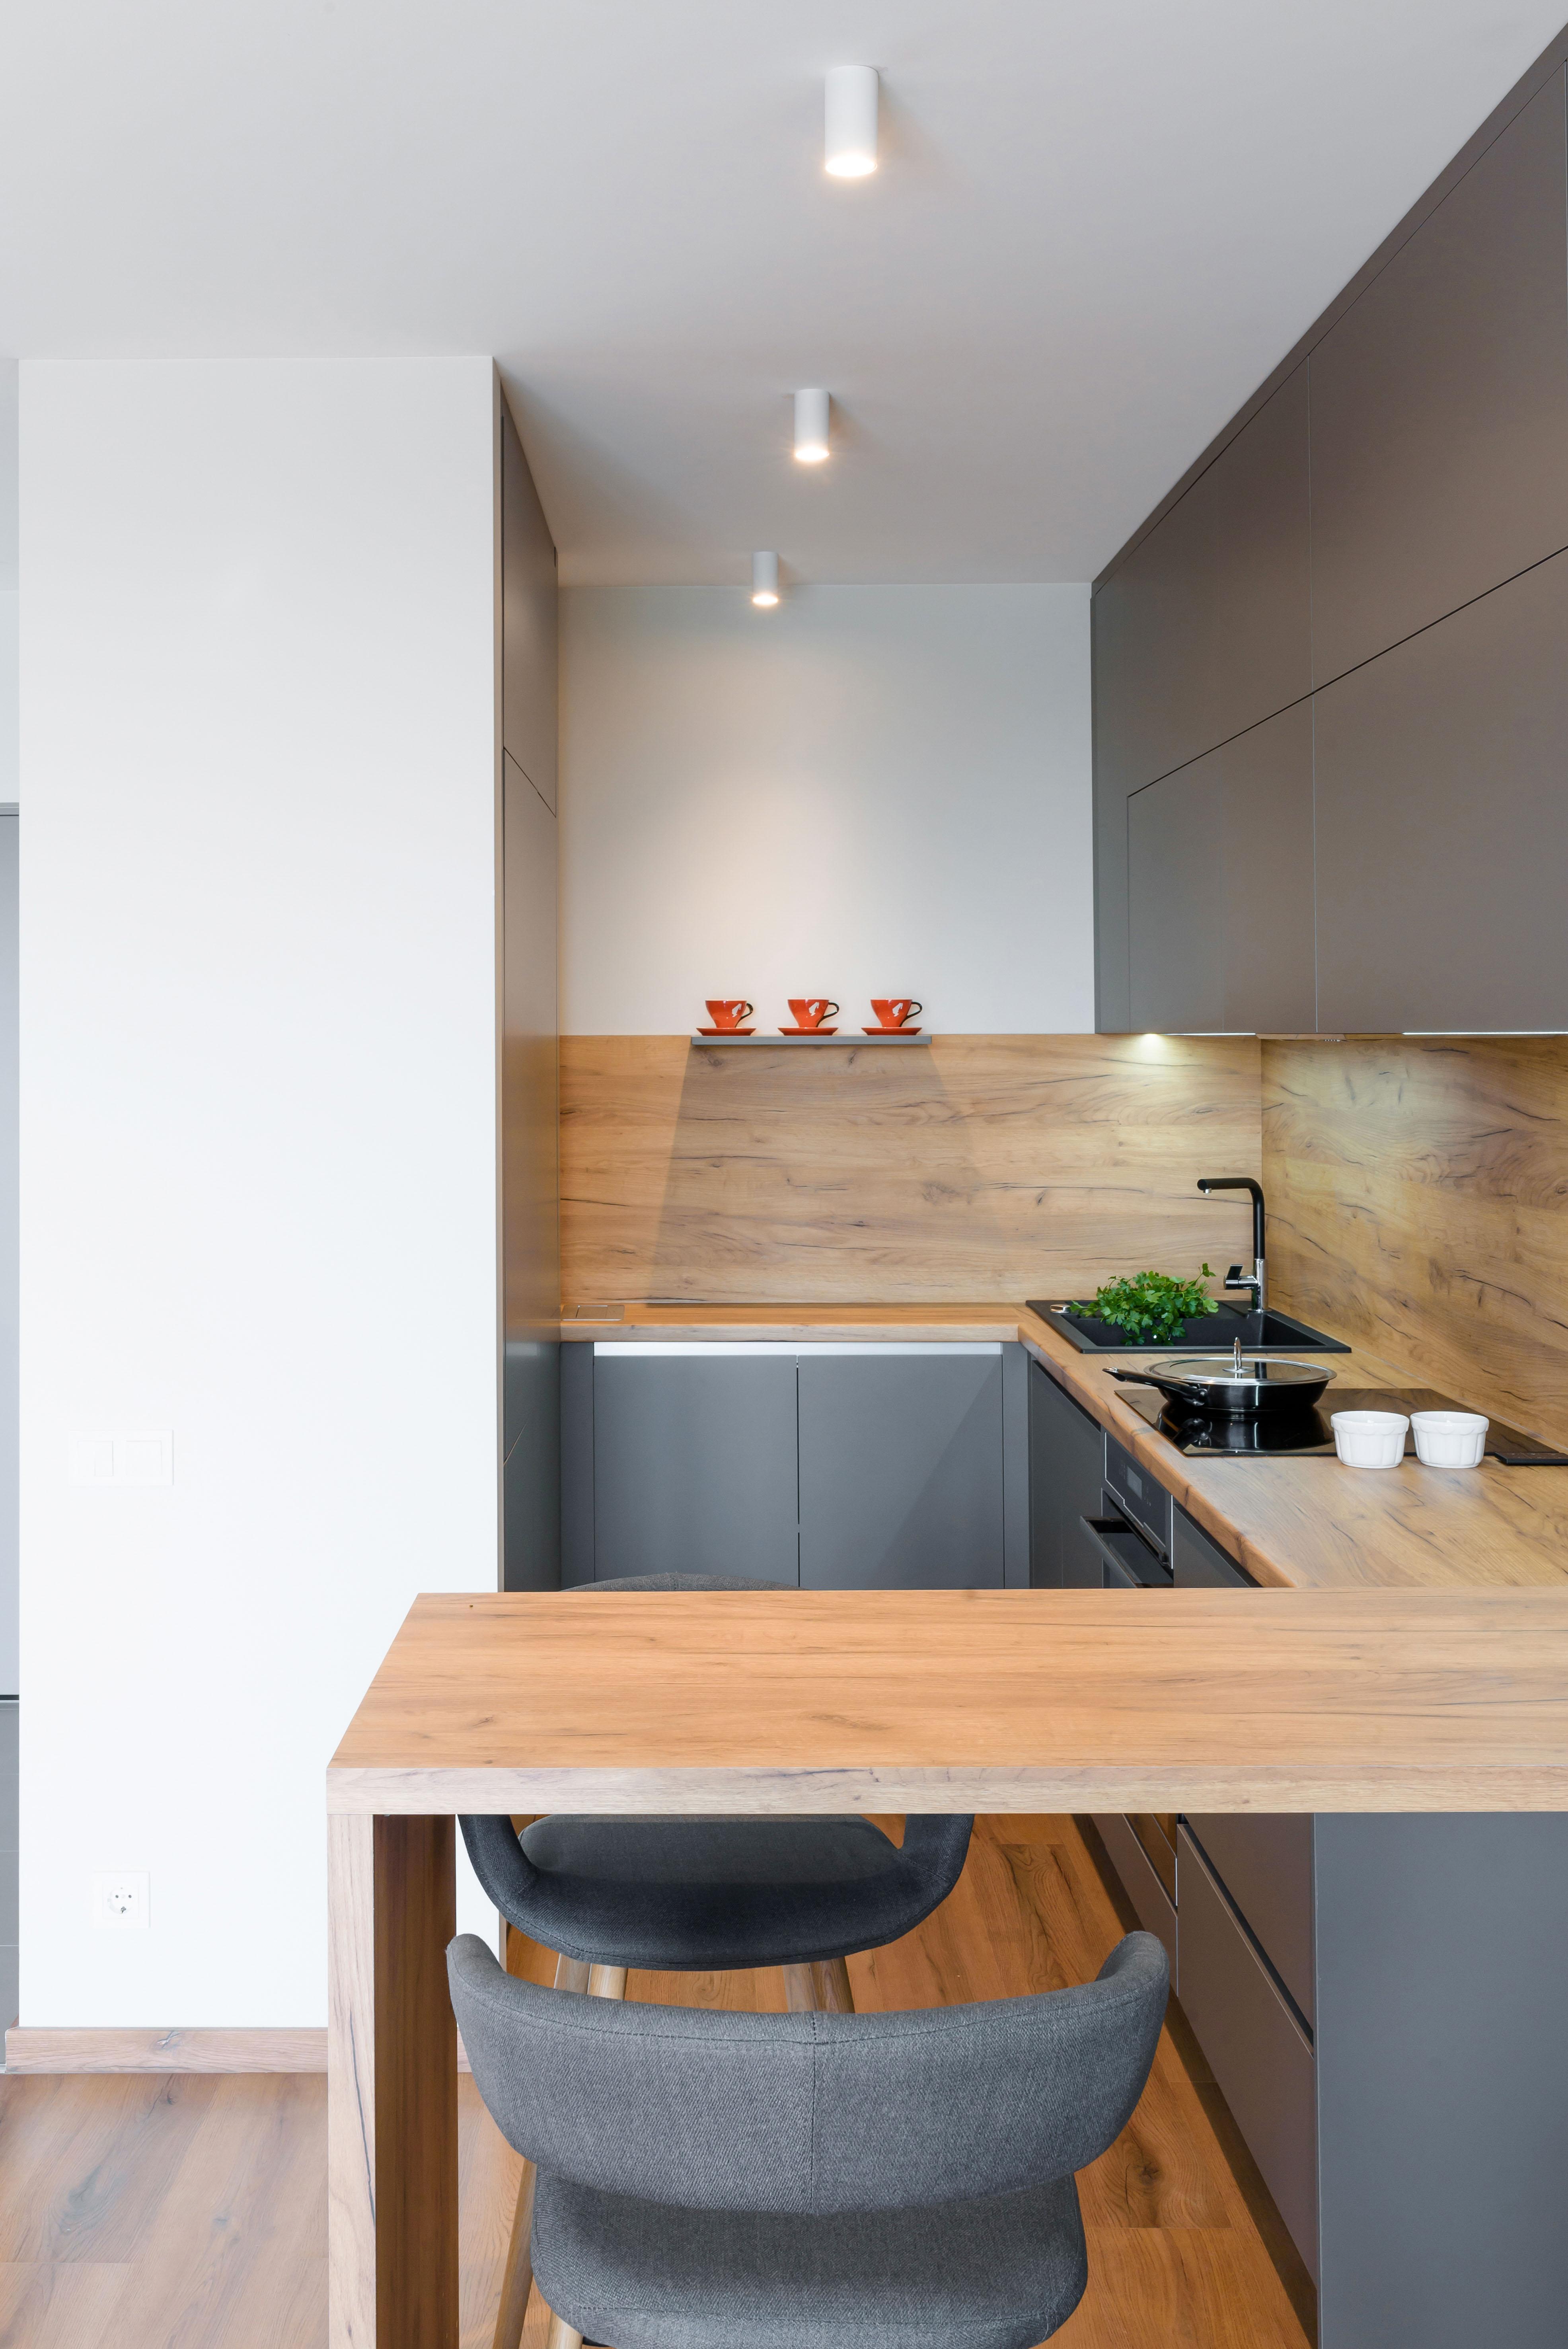 Skandināvu stils virtuves iekārtā | Albero Mēbeles